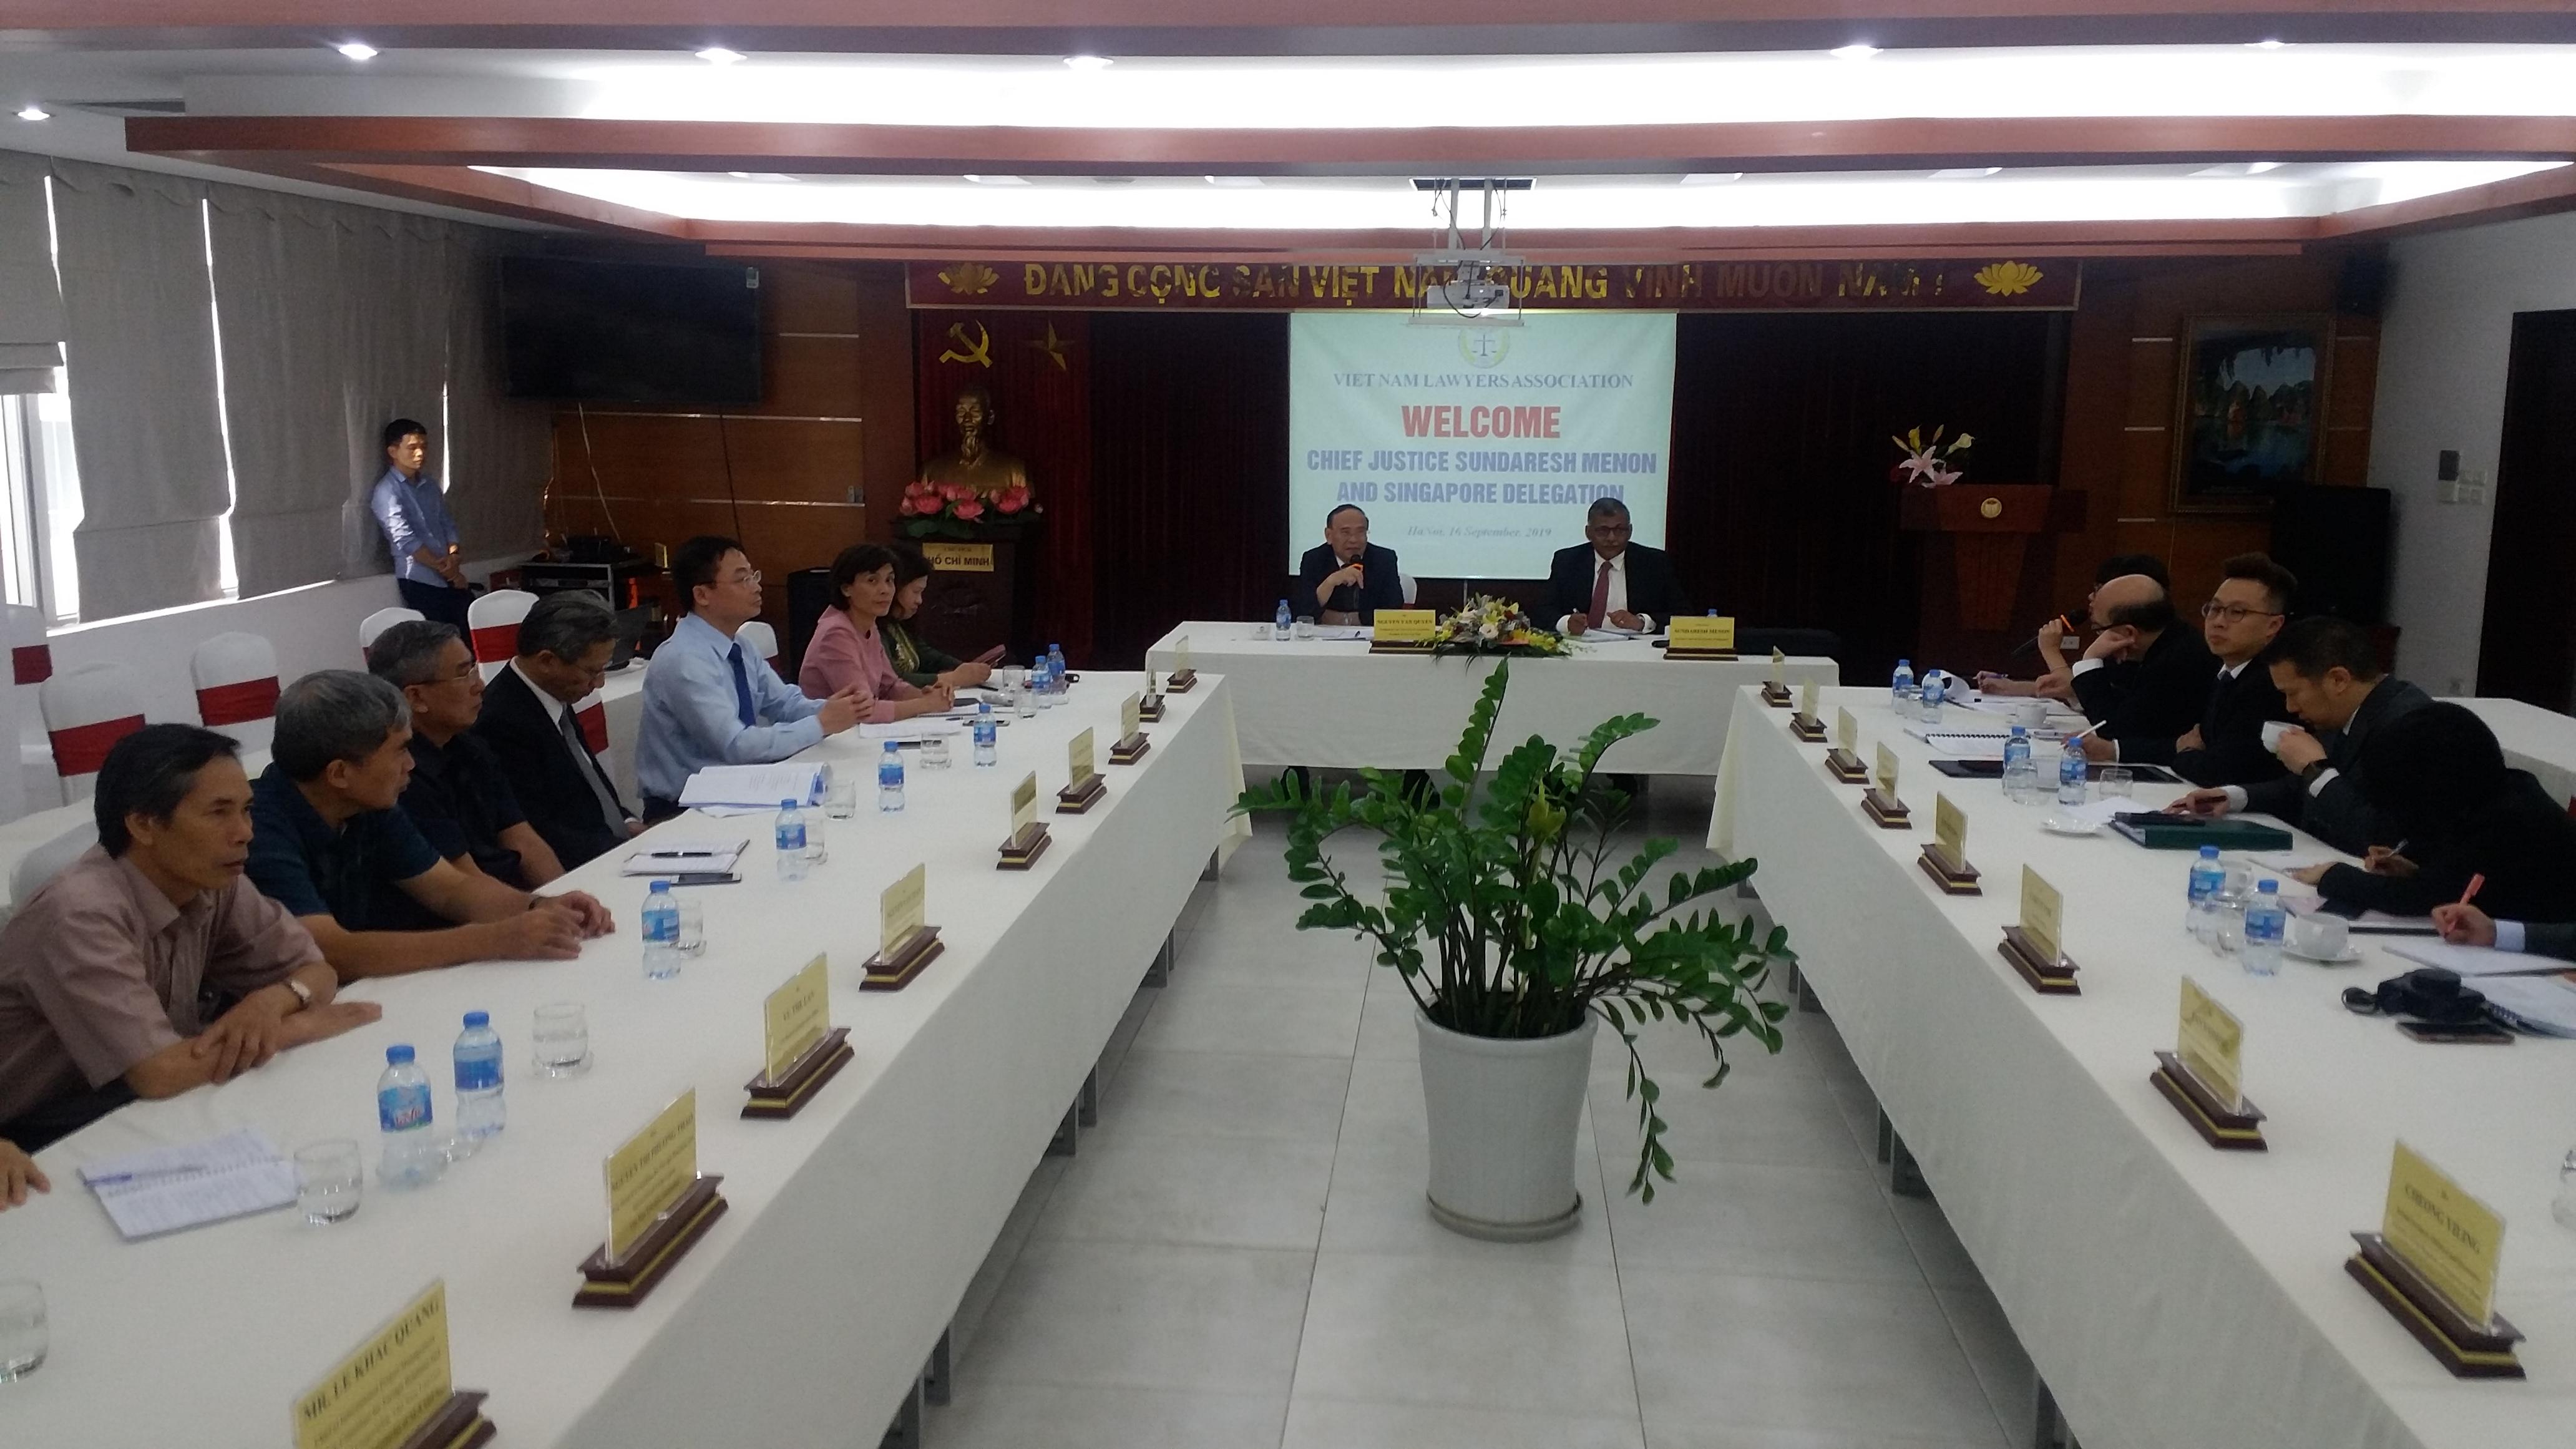 Chủ tịch Hiệp hội Luật các nước ASEAN (ALA), Chánh án Tòa án tối cao Singapore Sundaresh Menon dẫn đầu Đoàn đại biểu ALA thăm và làm việc với Uỷ ban ALA quốc gia Việt Nam và Hội Luật gia Việt Nam